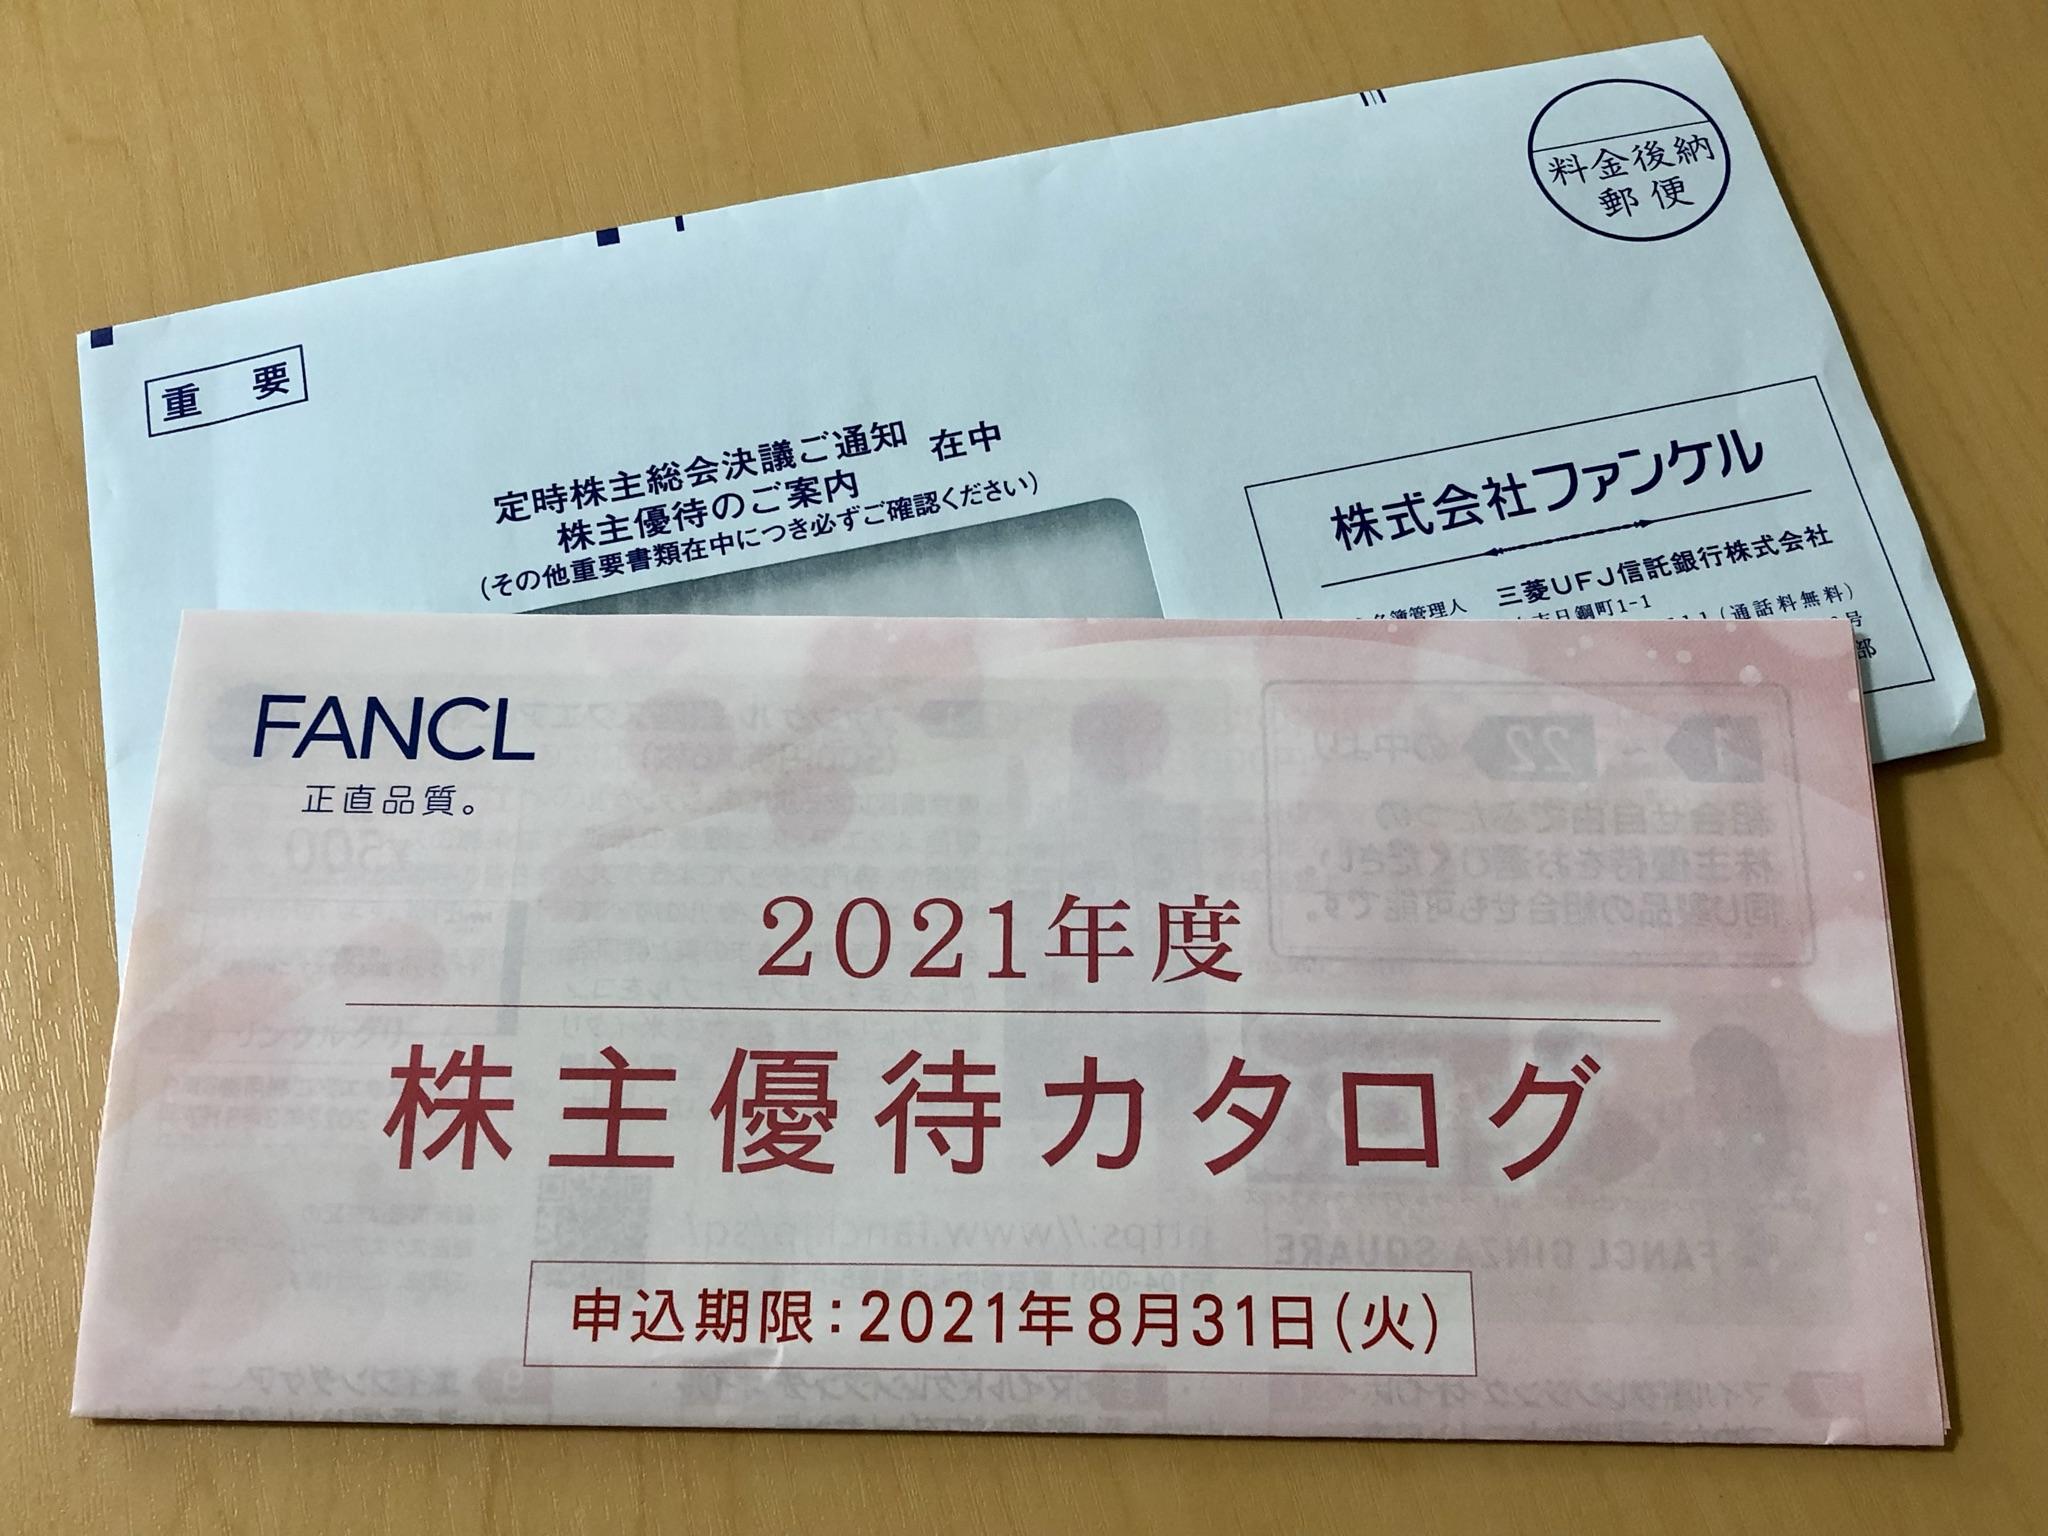 ファンケルから株主優待 2021年